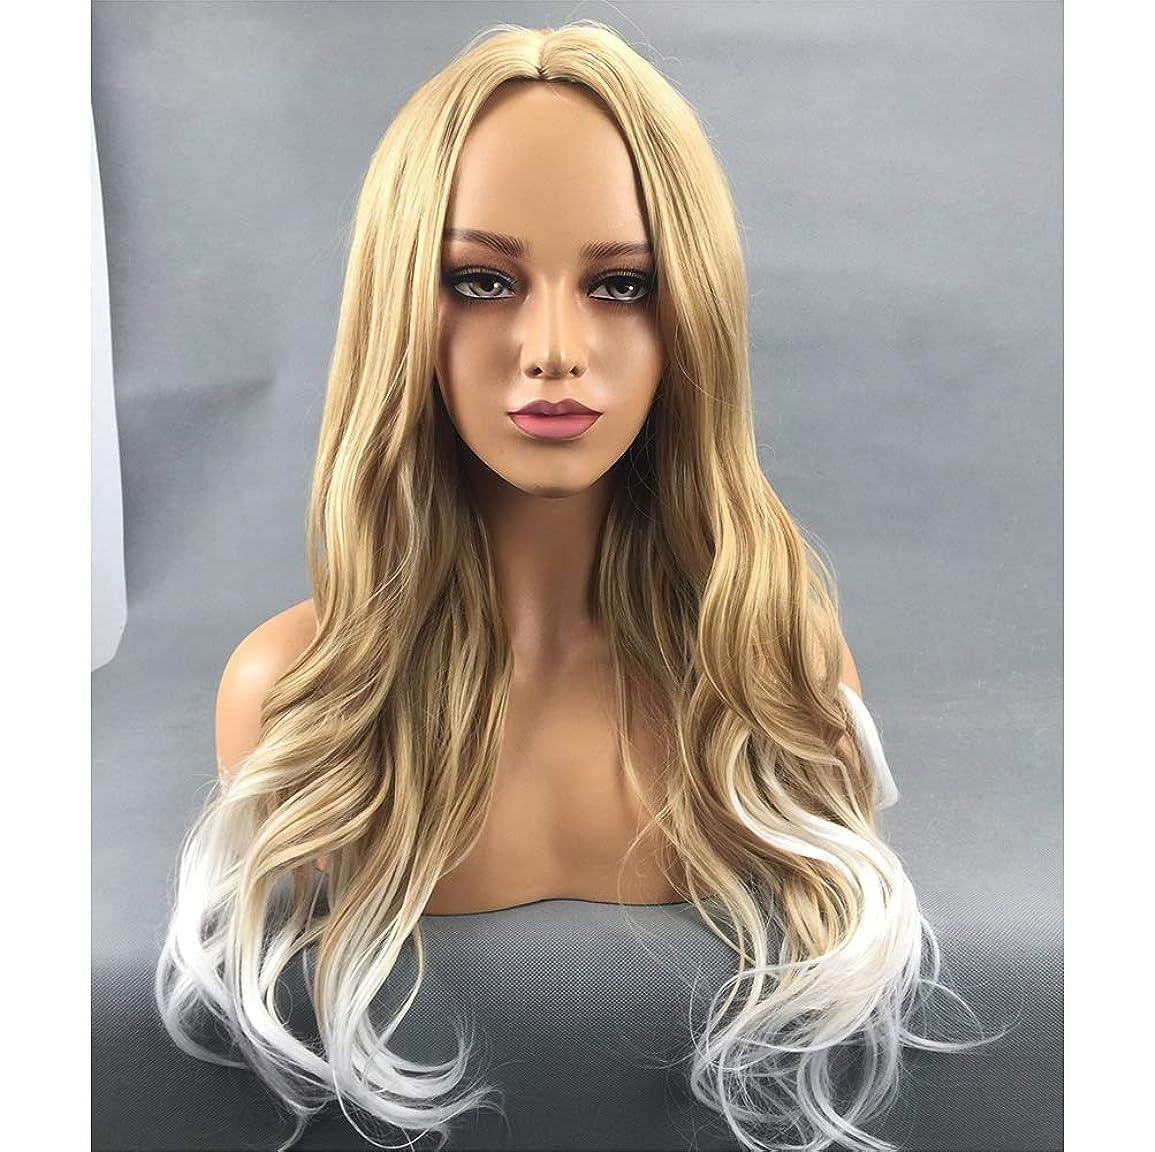 若者吸収する本当のことを言うと女性150%密度長い巻き毛のかつらかつら耐熱合成繊維髪かつらゴールデングラデーションホワイト65 cm